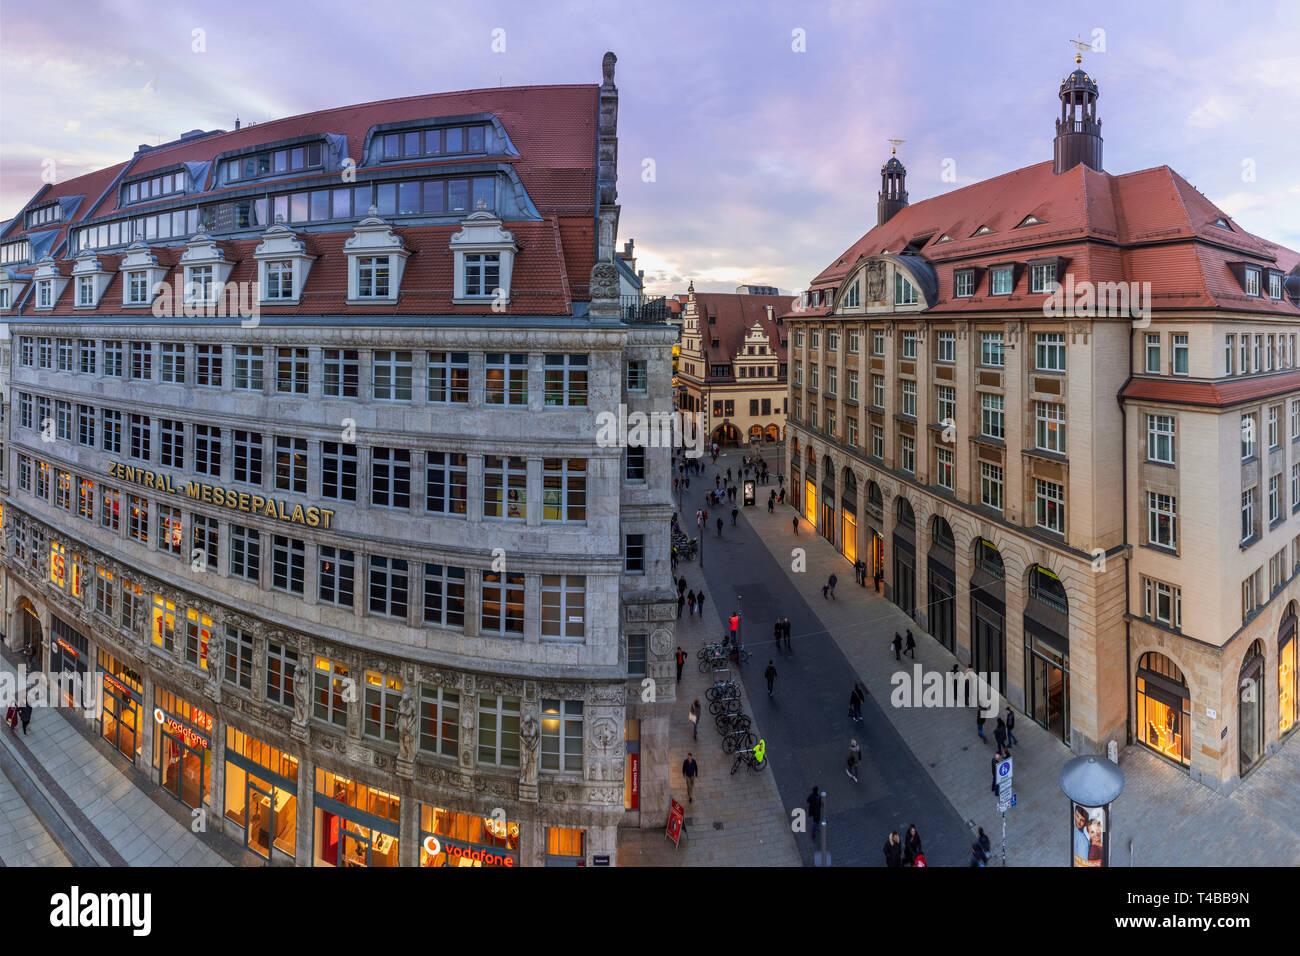 Leipzig Grimmaische Straße, Blick vom Galeria Kaufhof, Zentral-Messepalast, am Abend - Stock Image